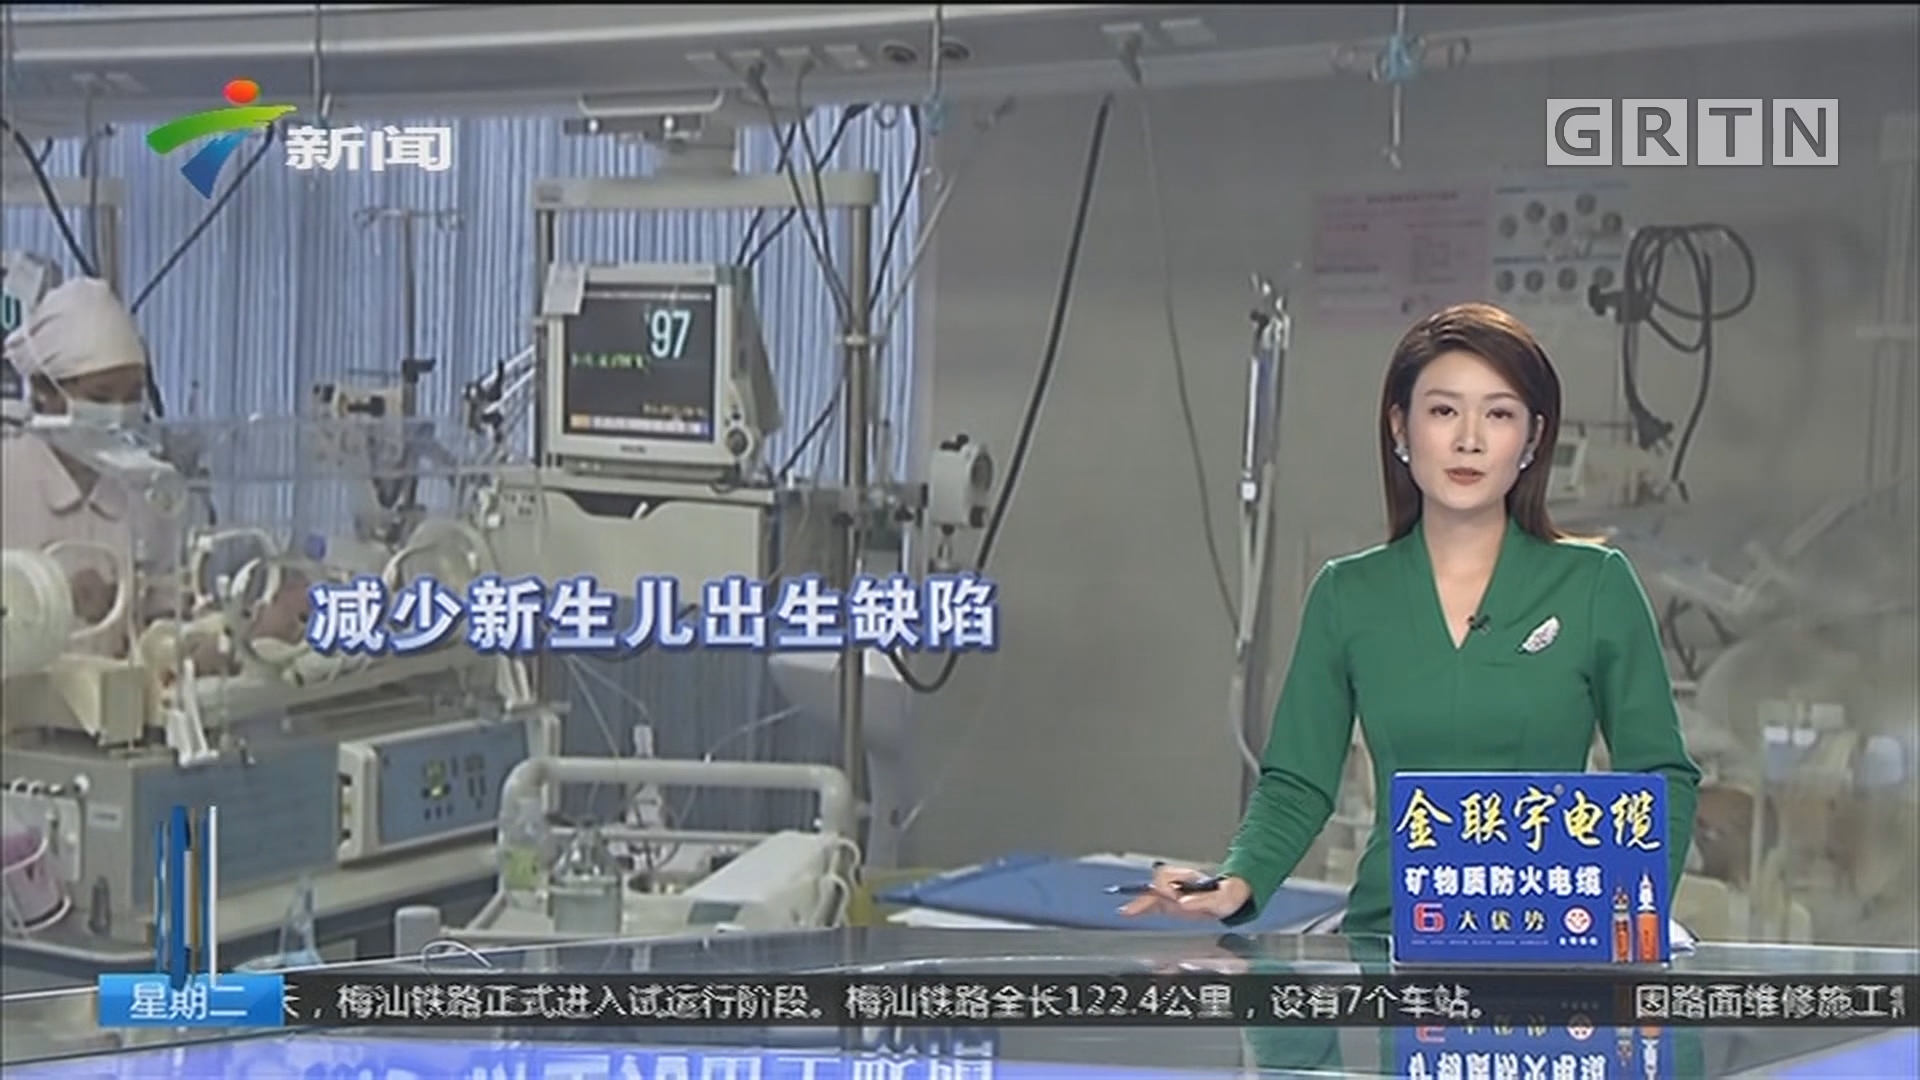 广东:成立出生缺陷防治管理中心 减少新生儿出生缺陷